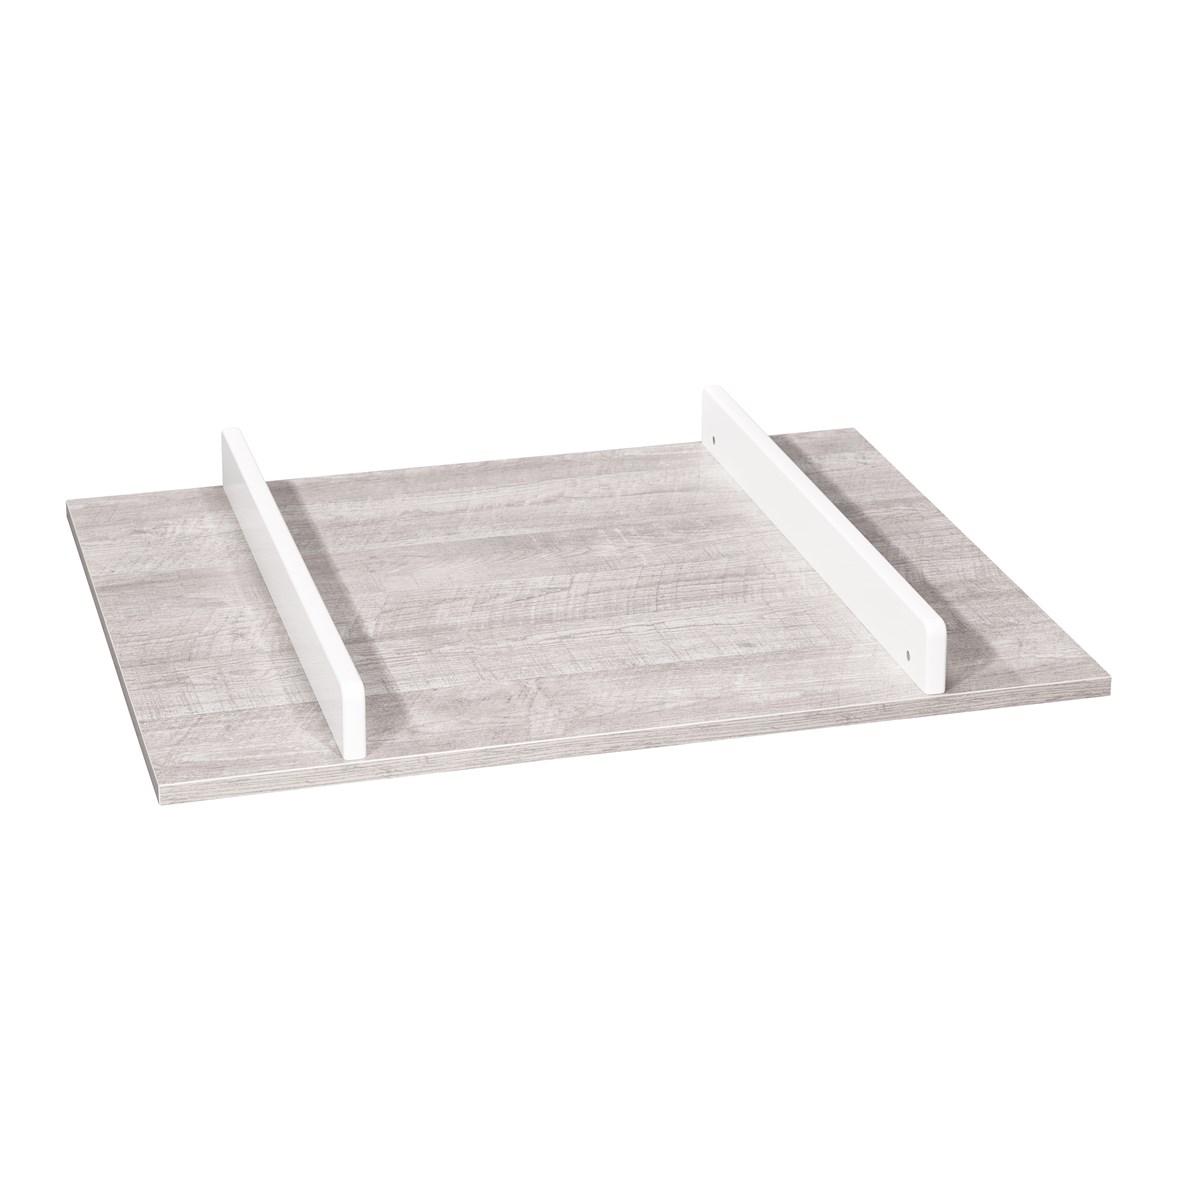 Plan à langer en bois gris